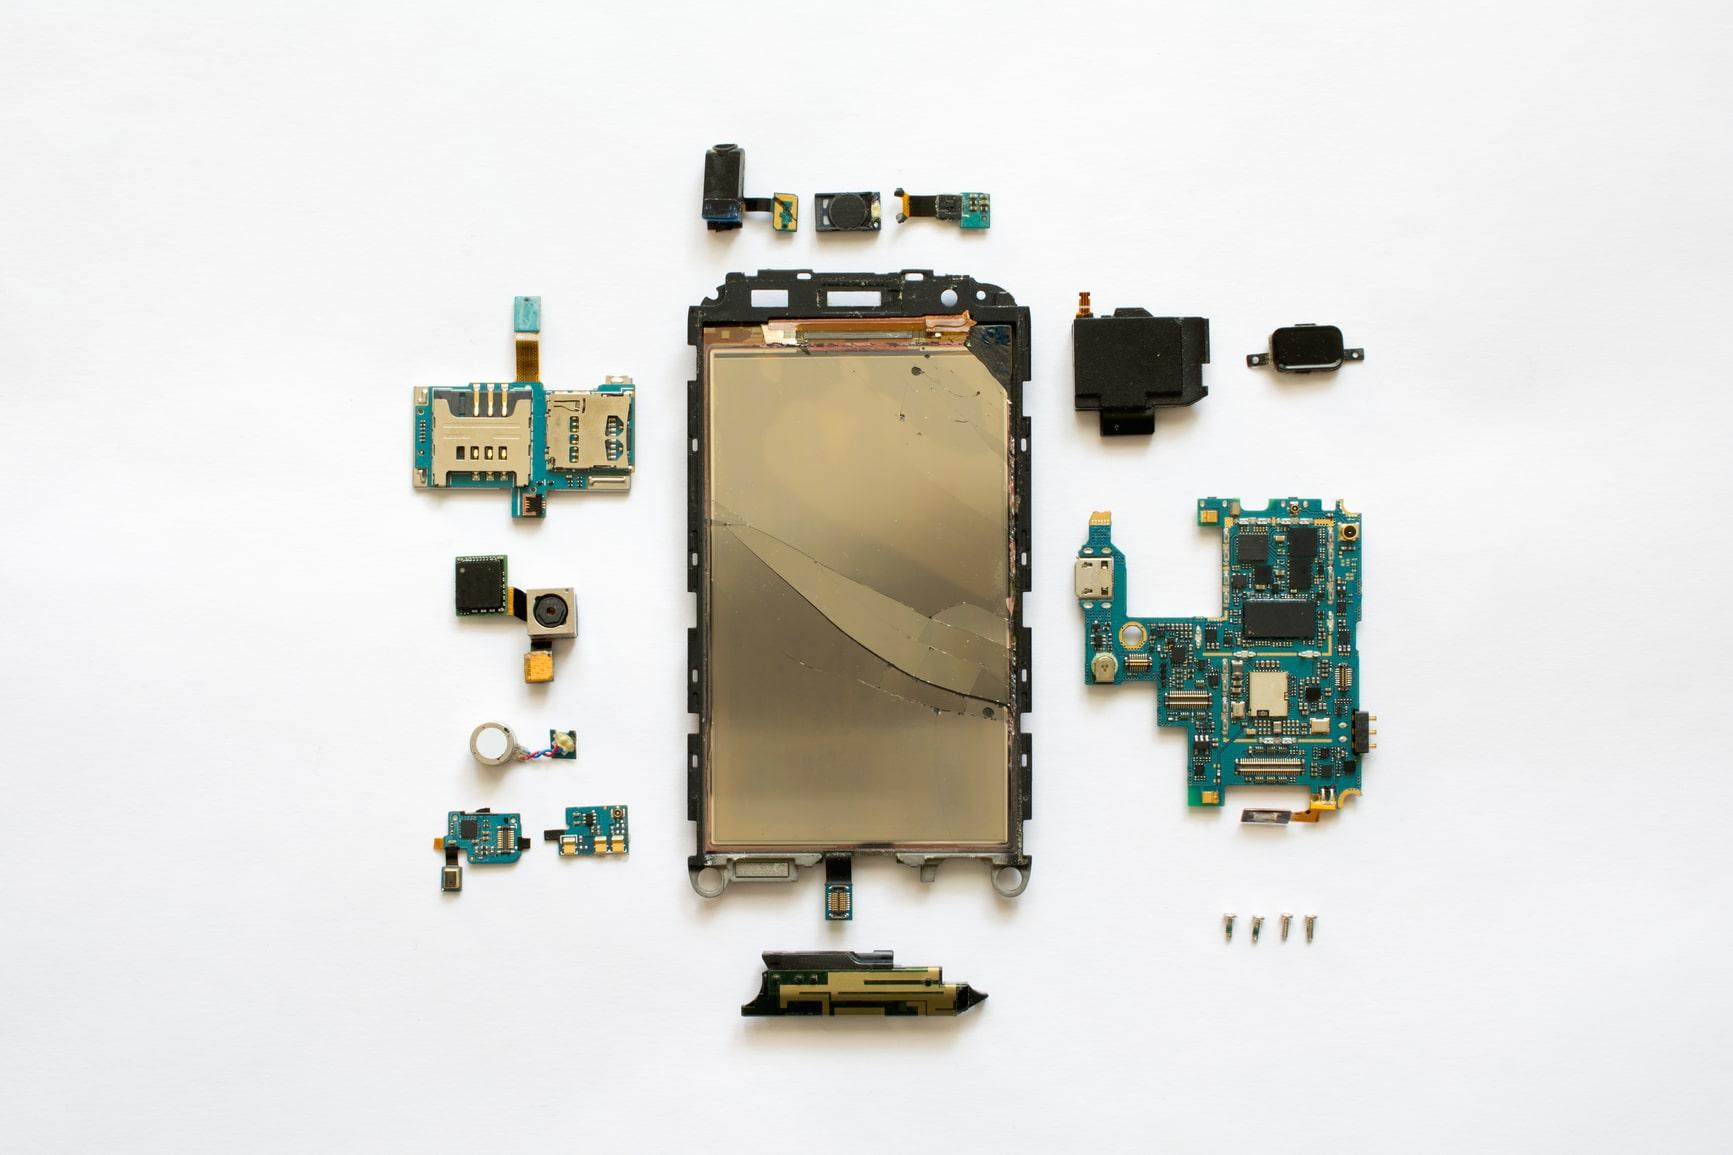 Zerlegtes kaputtes Handy